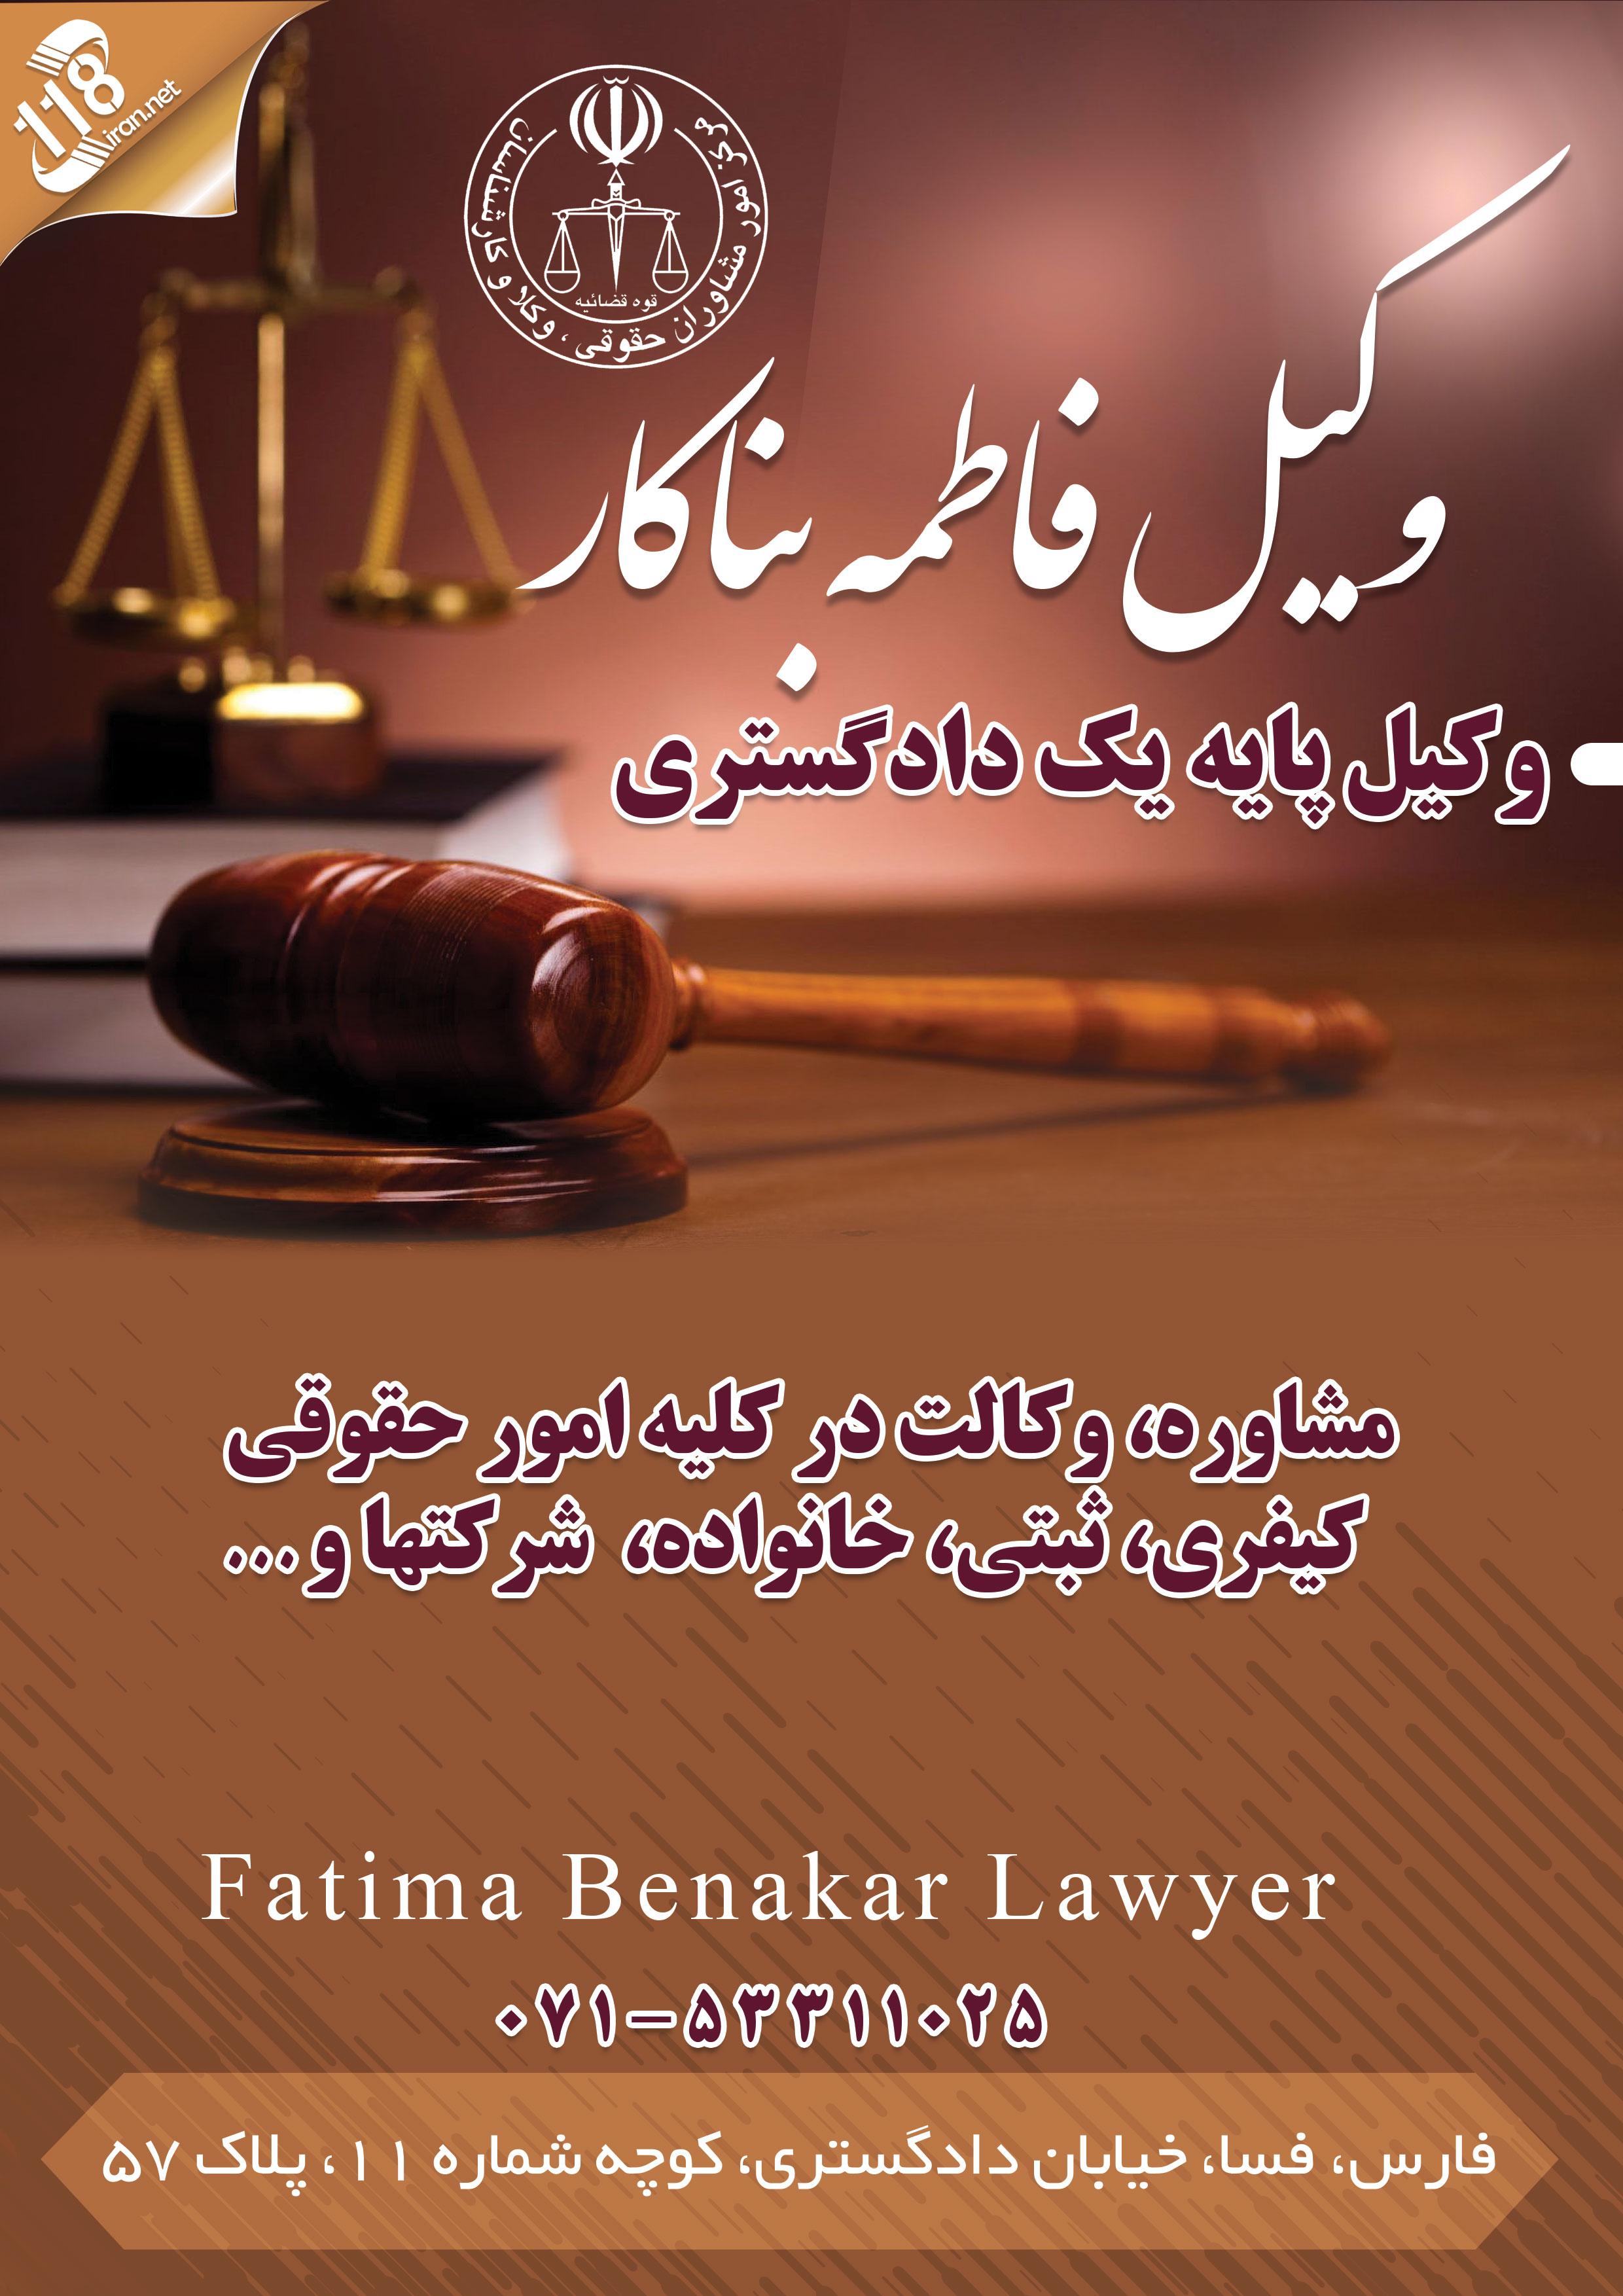 وکیل فاطمه بناکار در فسا